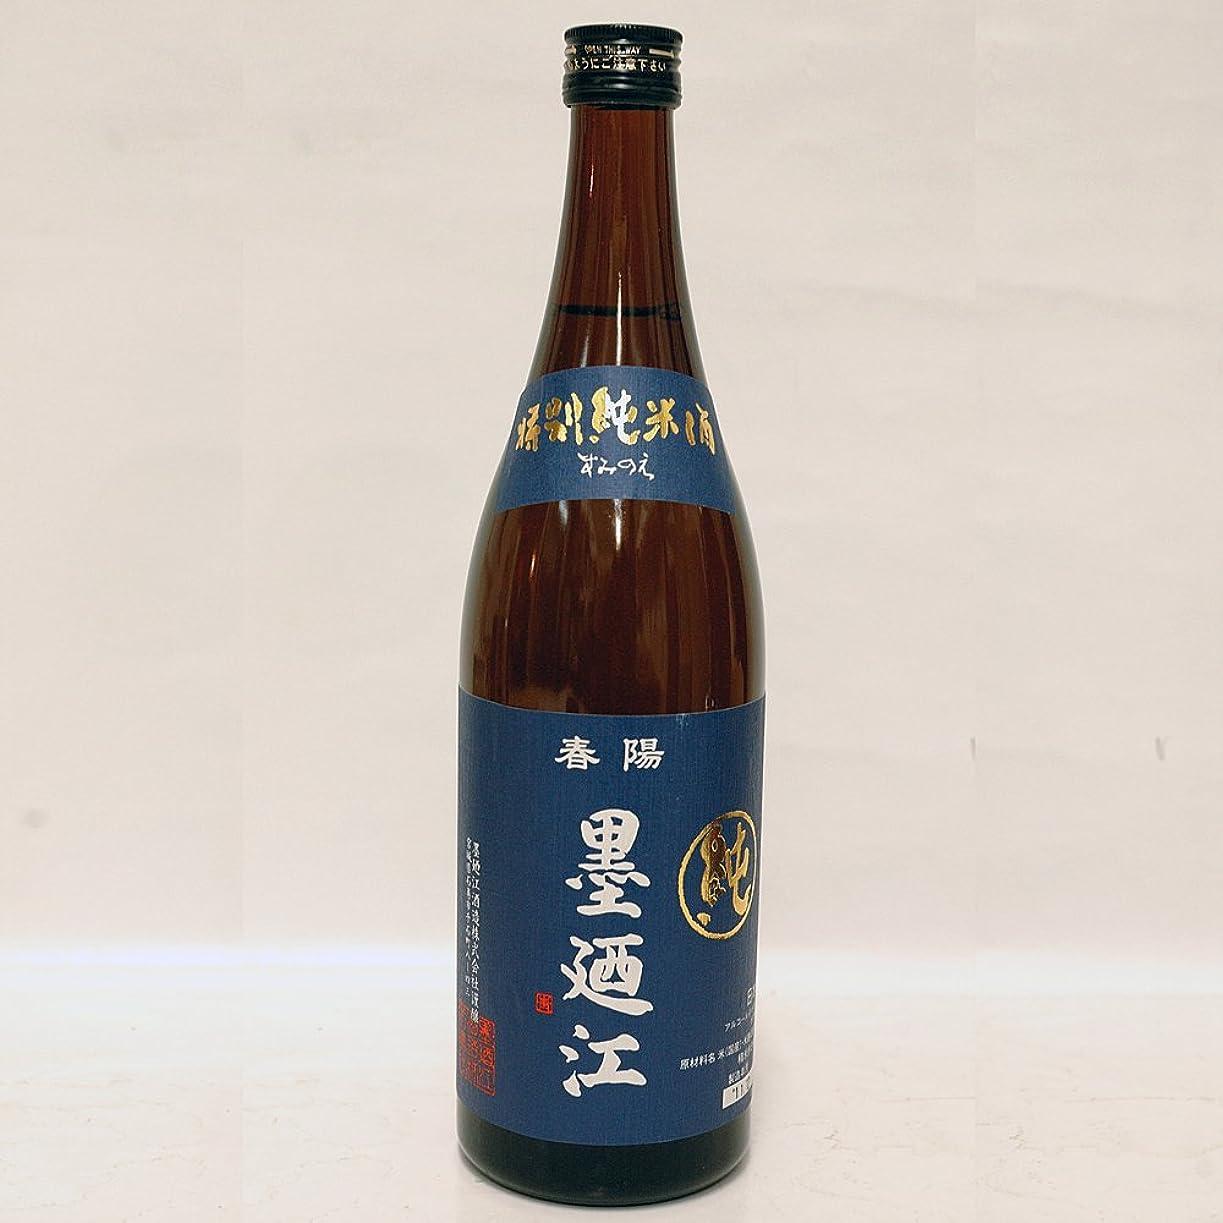 恥トランクヒギンズ宮城県 墨廼江酒造 墨廼江(すみのえ) 特別純米酒 720ml